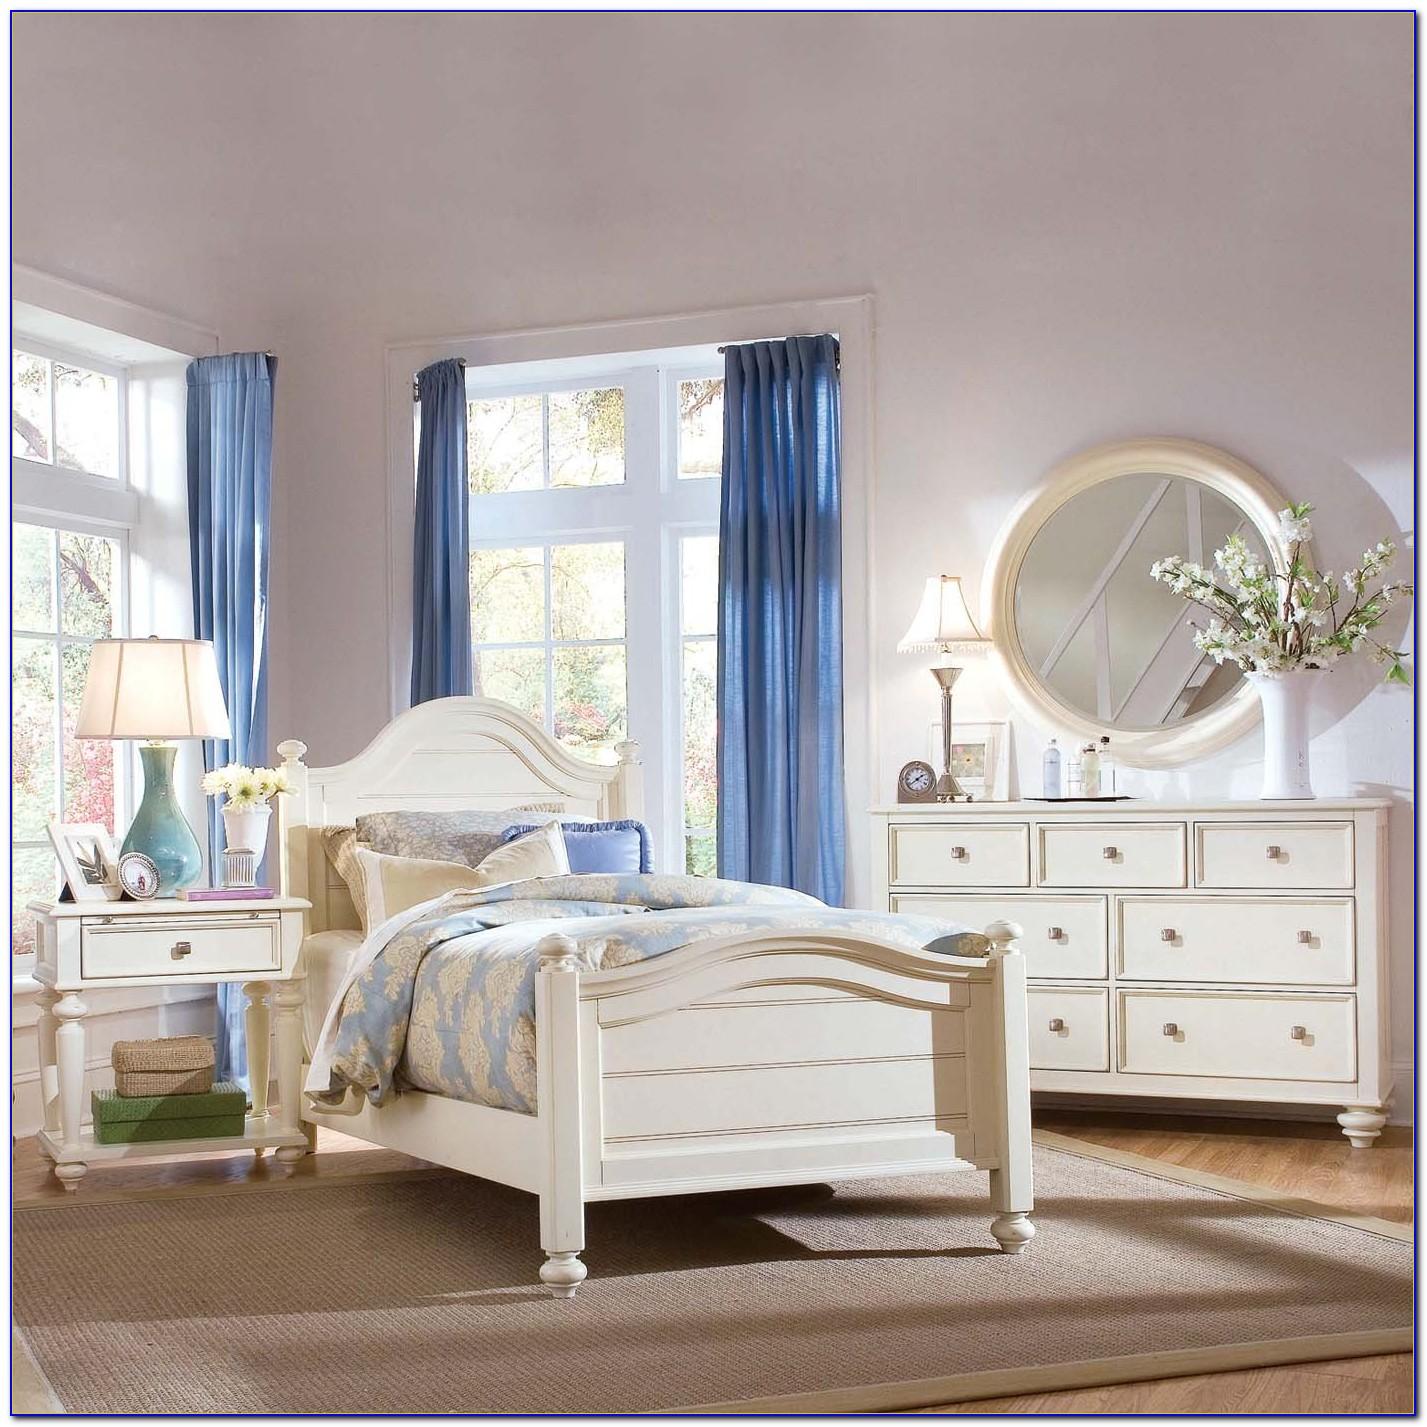 American Drew Bedroom Furniture Used